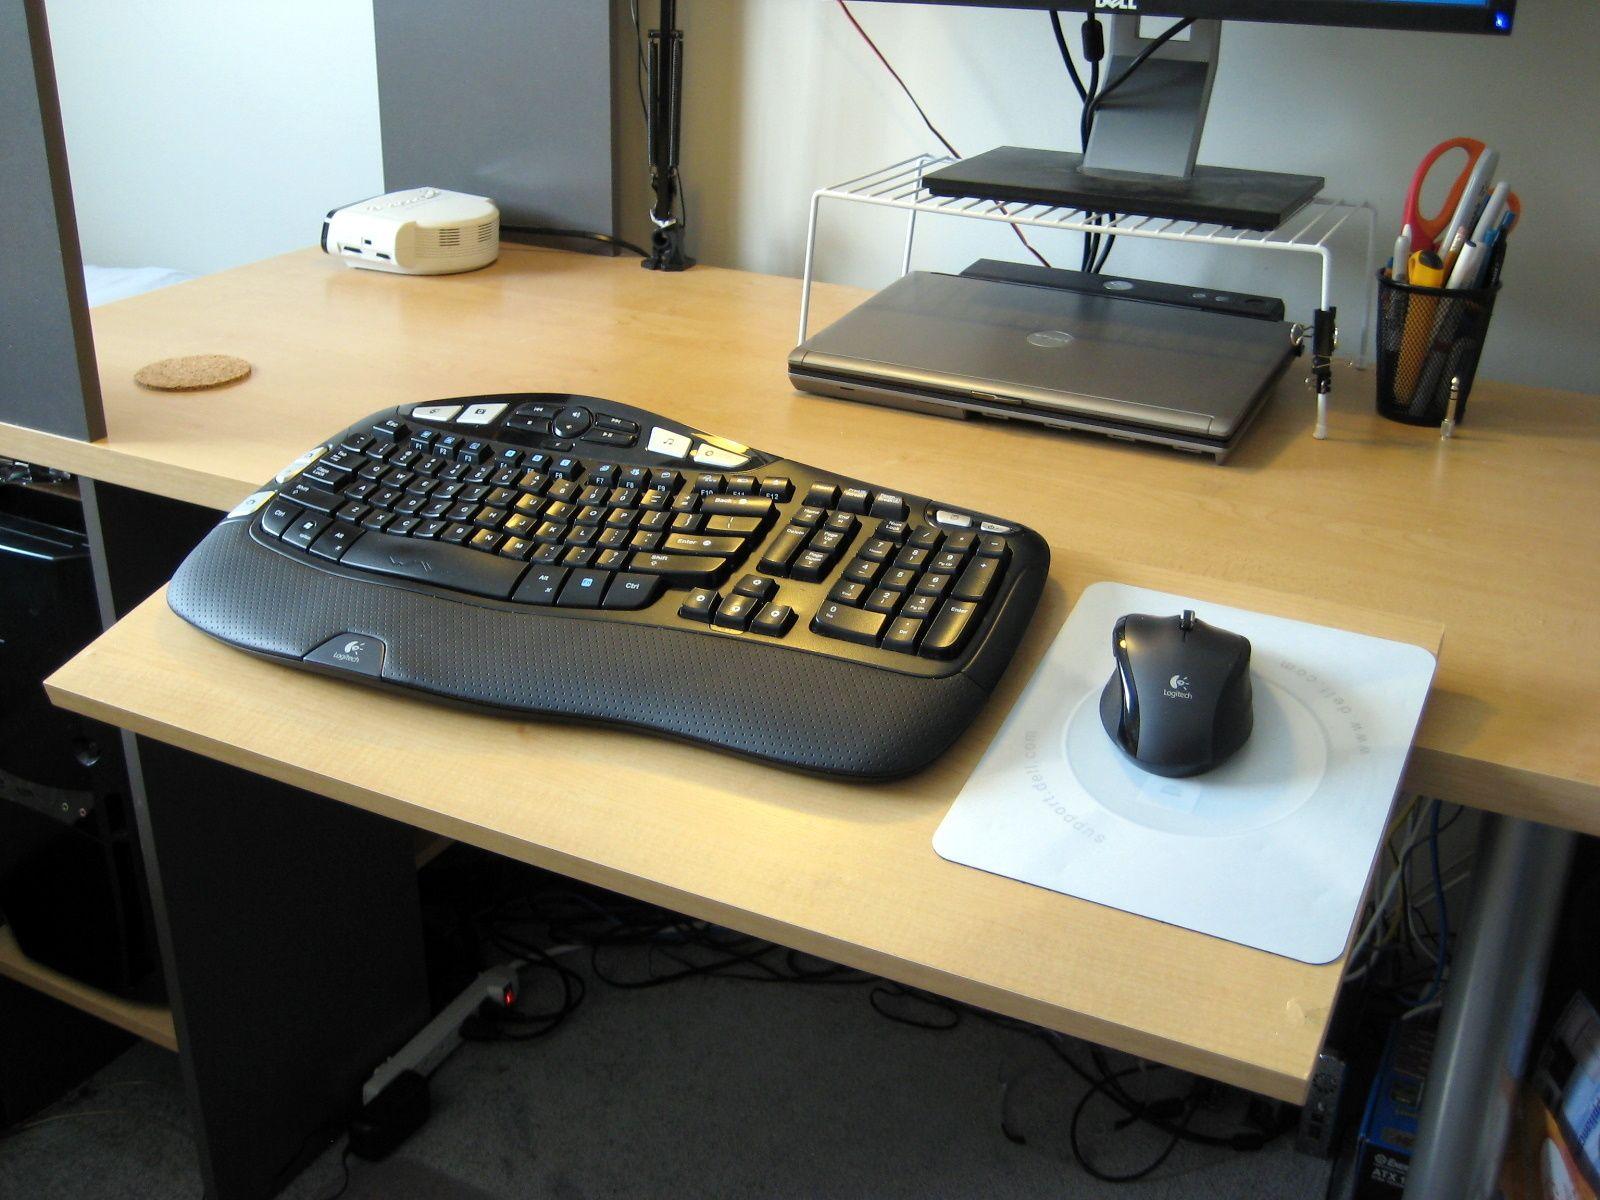 Adjustable Keyboard Platform Desk Extension Keyboard Standing Desk Extension Diy Tray